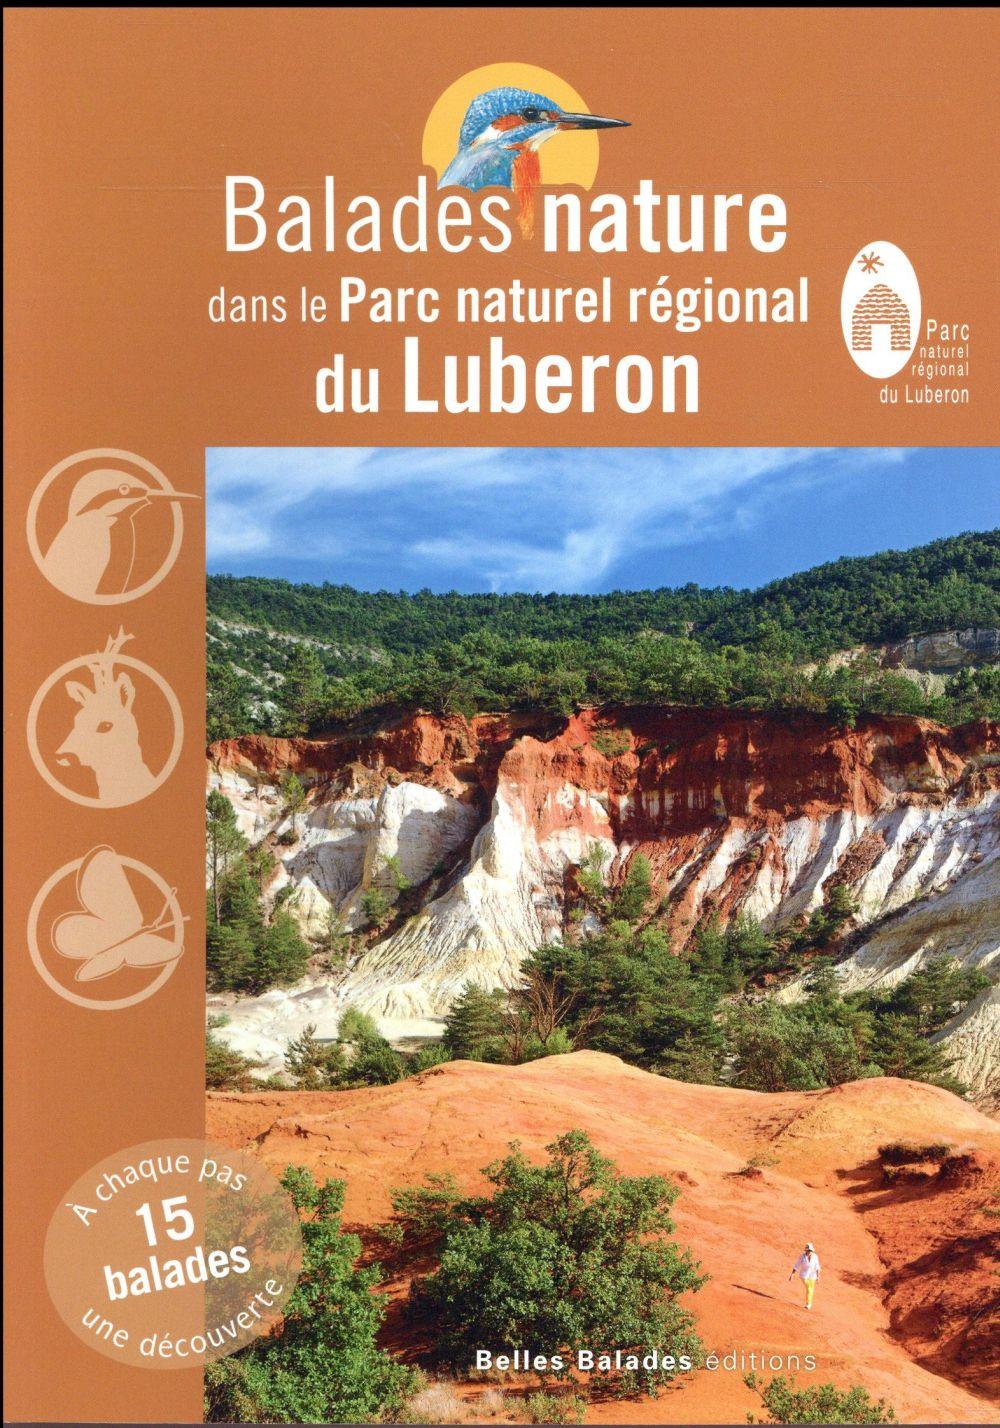 BALADES NATURE ; dans le parc naturel régional du Luberon